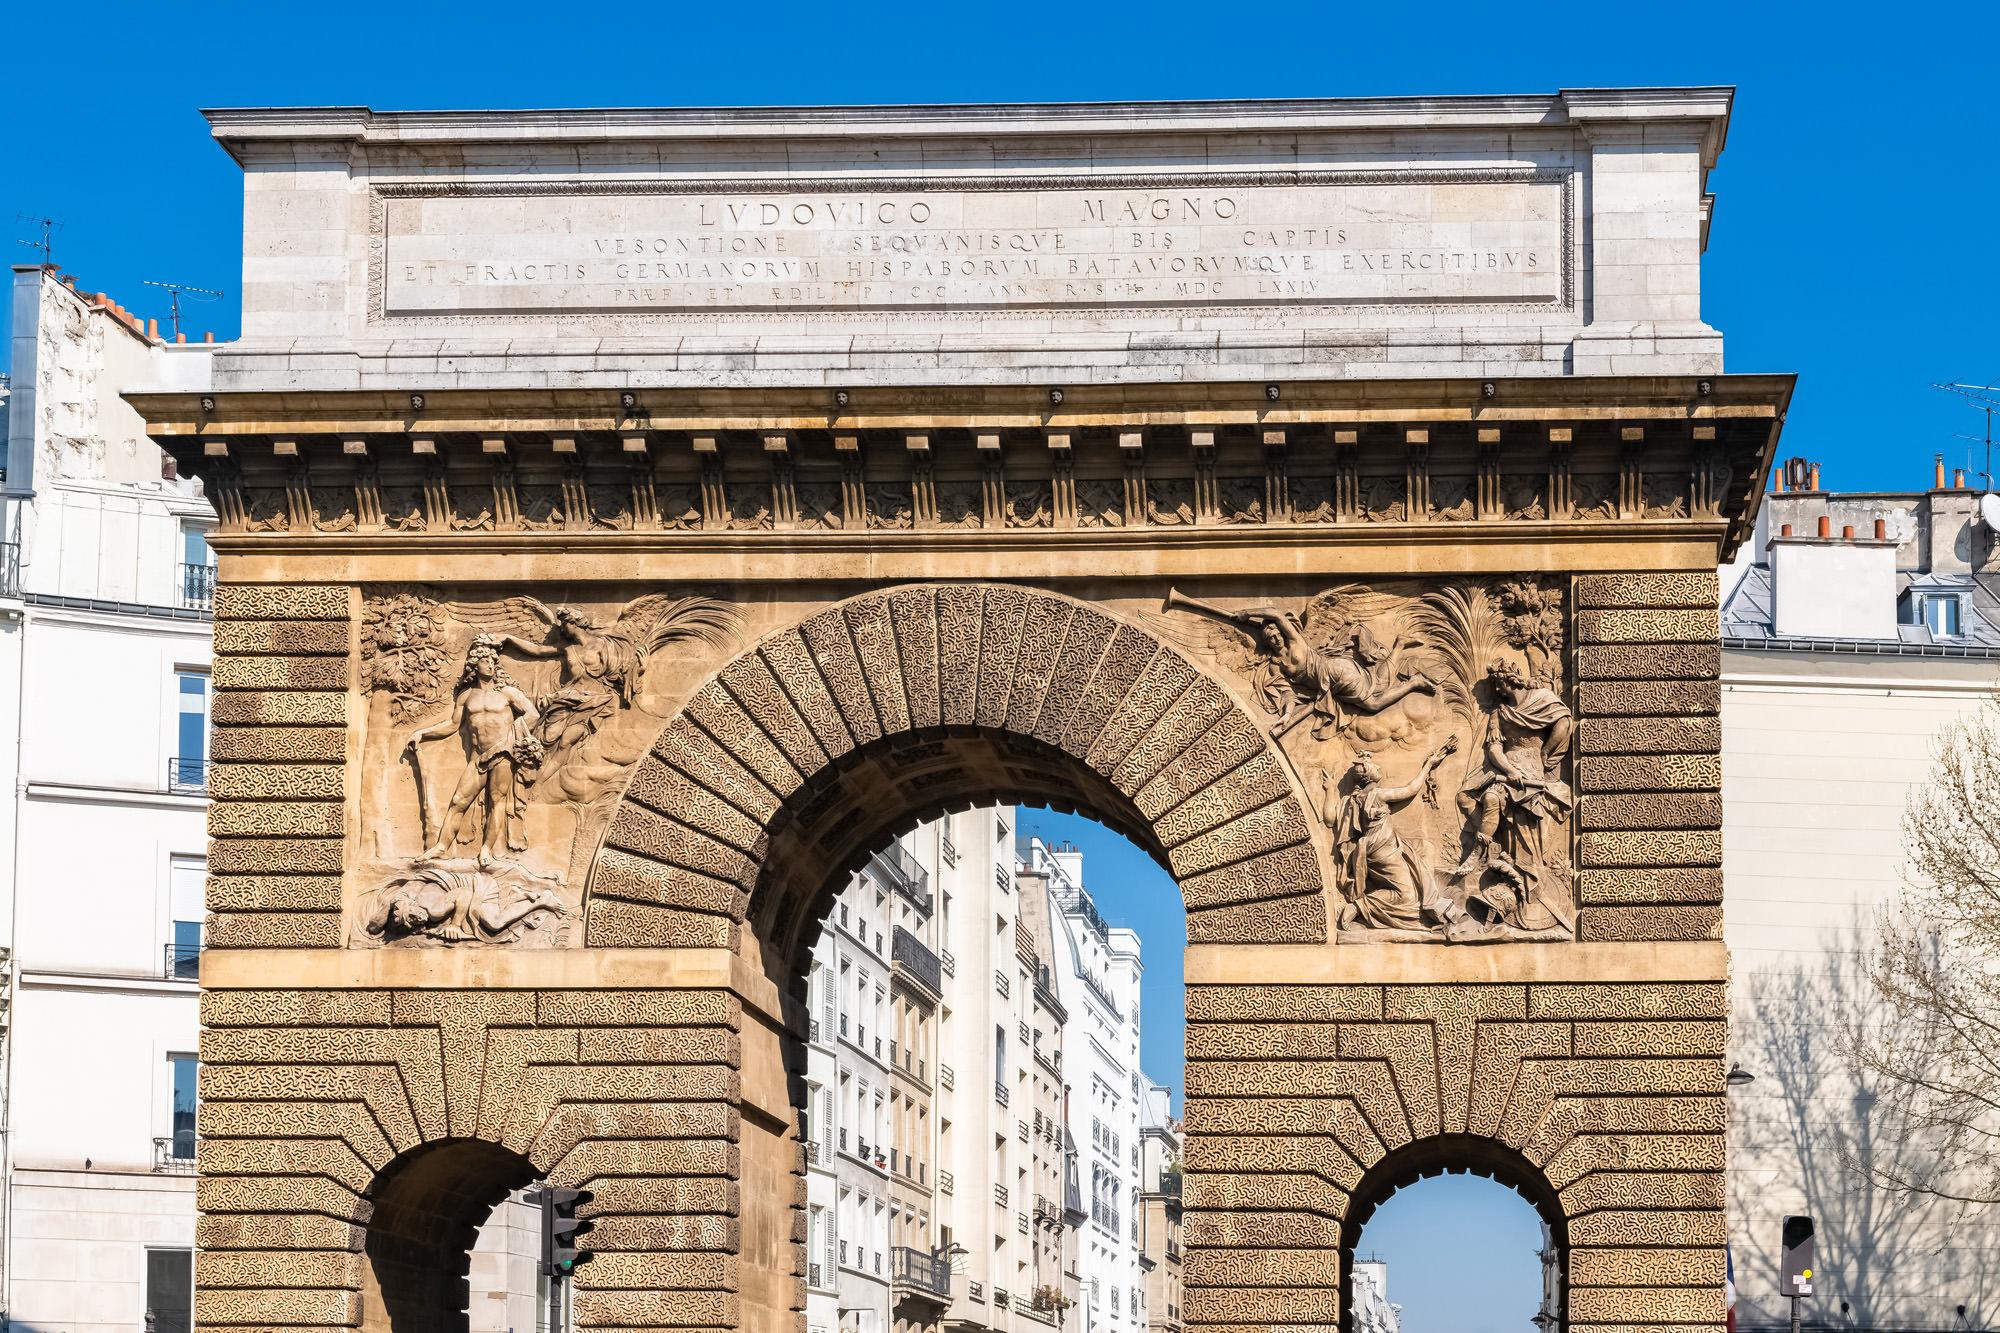 Porte st martin paris triumphal arches pinterest for Porte saint martin